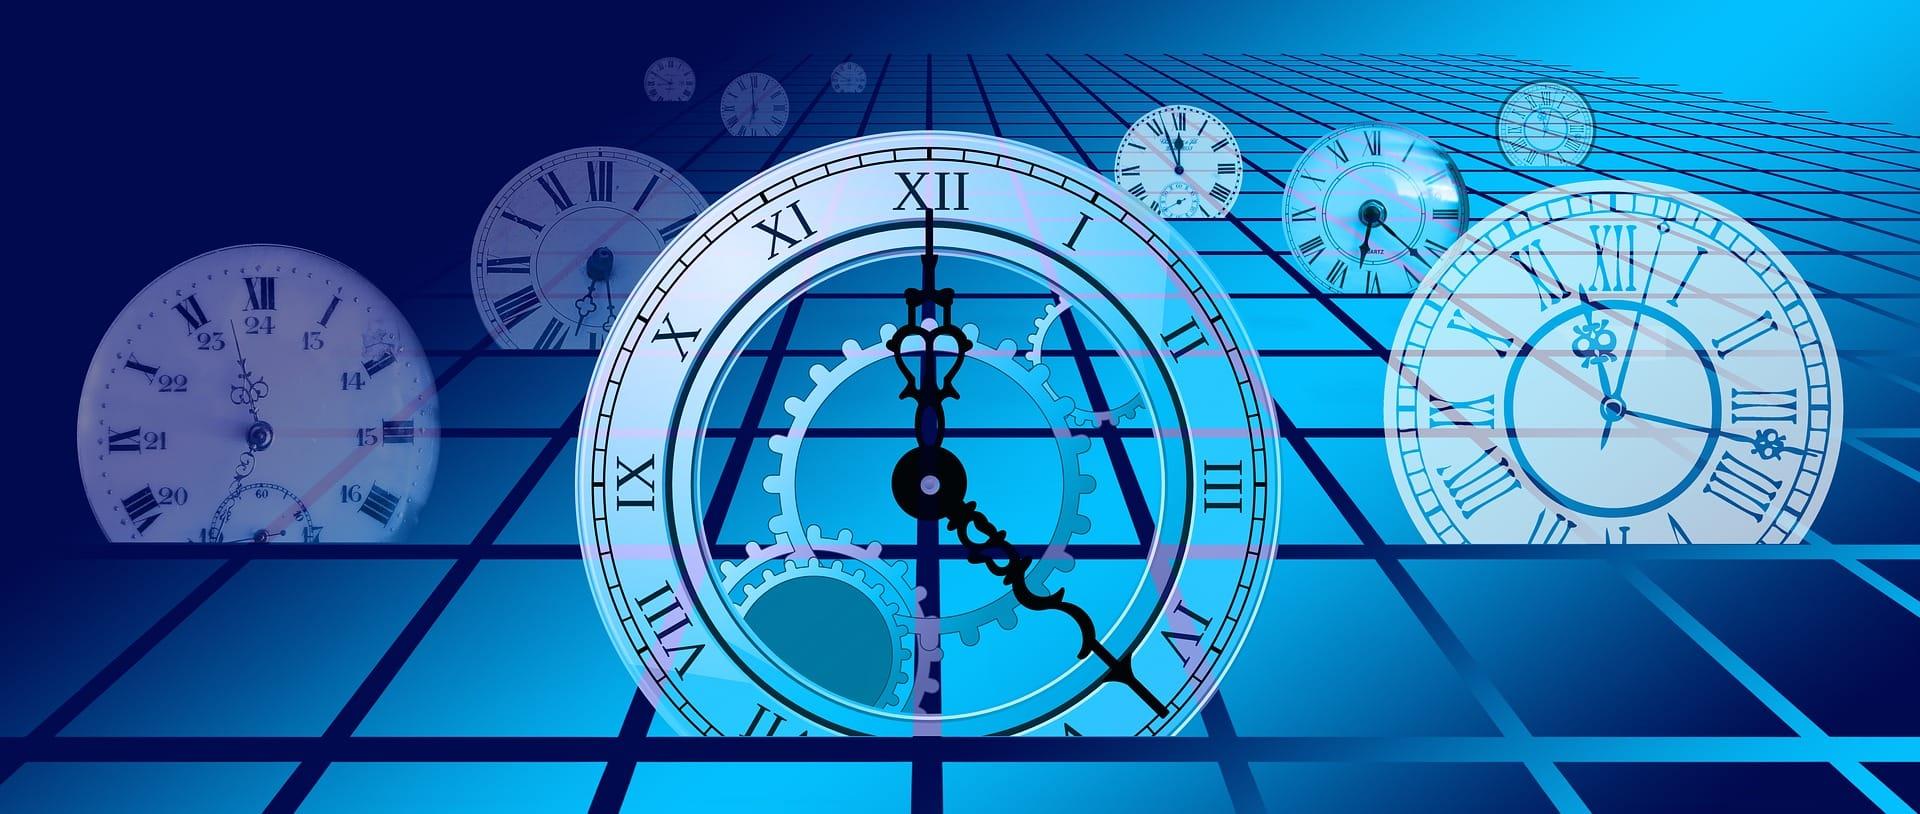 La magie du cosmos l'illusion du temps